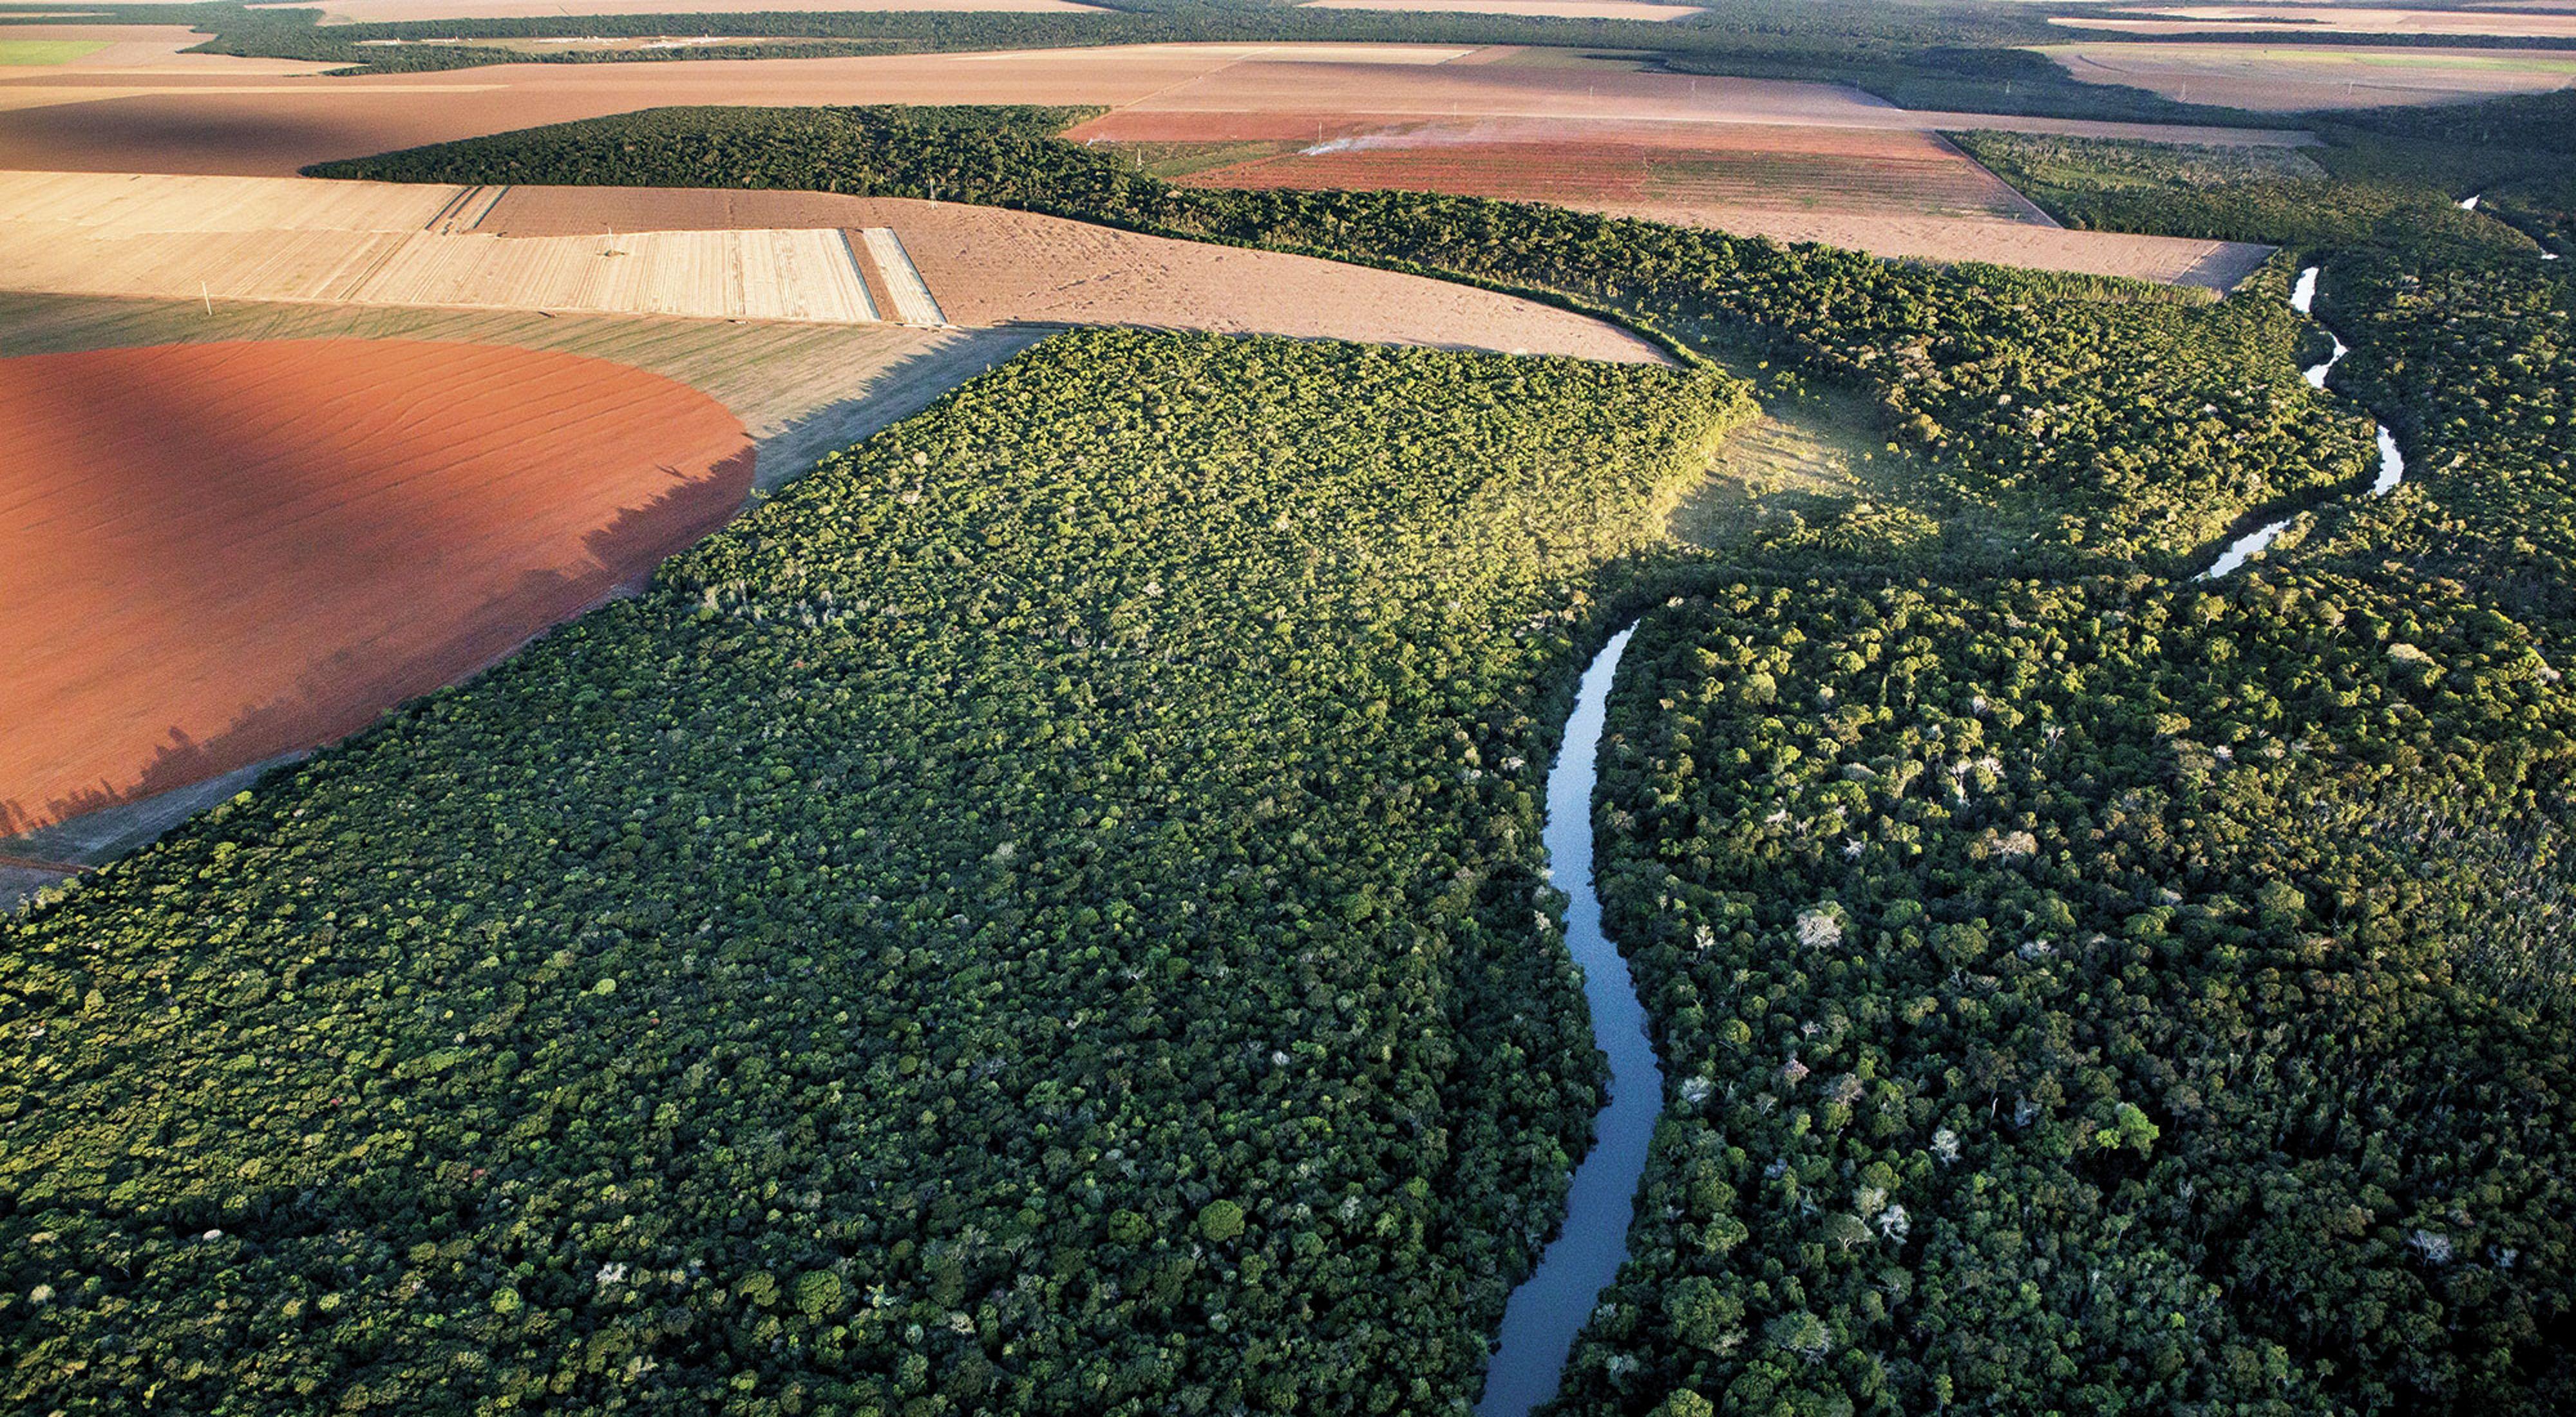 Rodeado de campos de soja, el bosque nativo de Mato Grosso sobrevive gracias a herramientas como Agroideal que están ayudando a llevar la producción de alimentos en Brasil